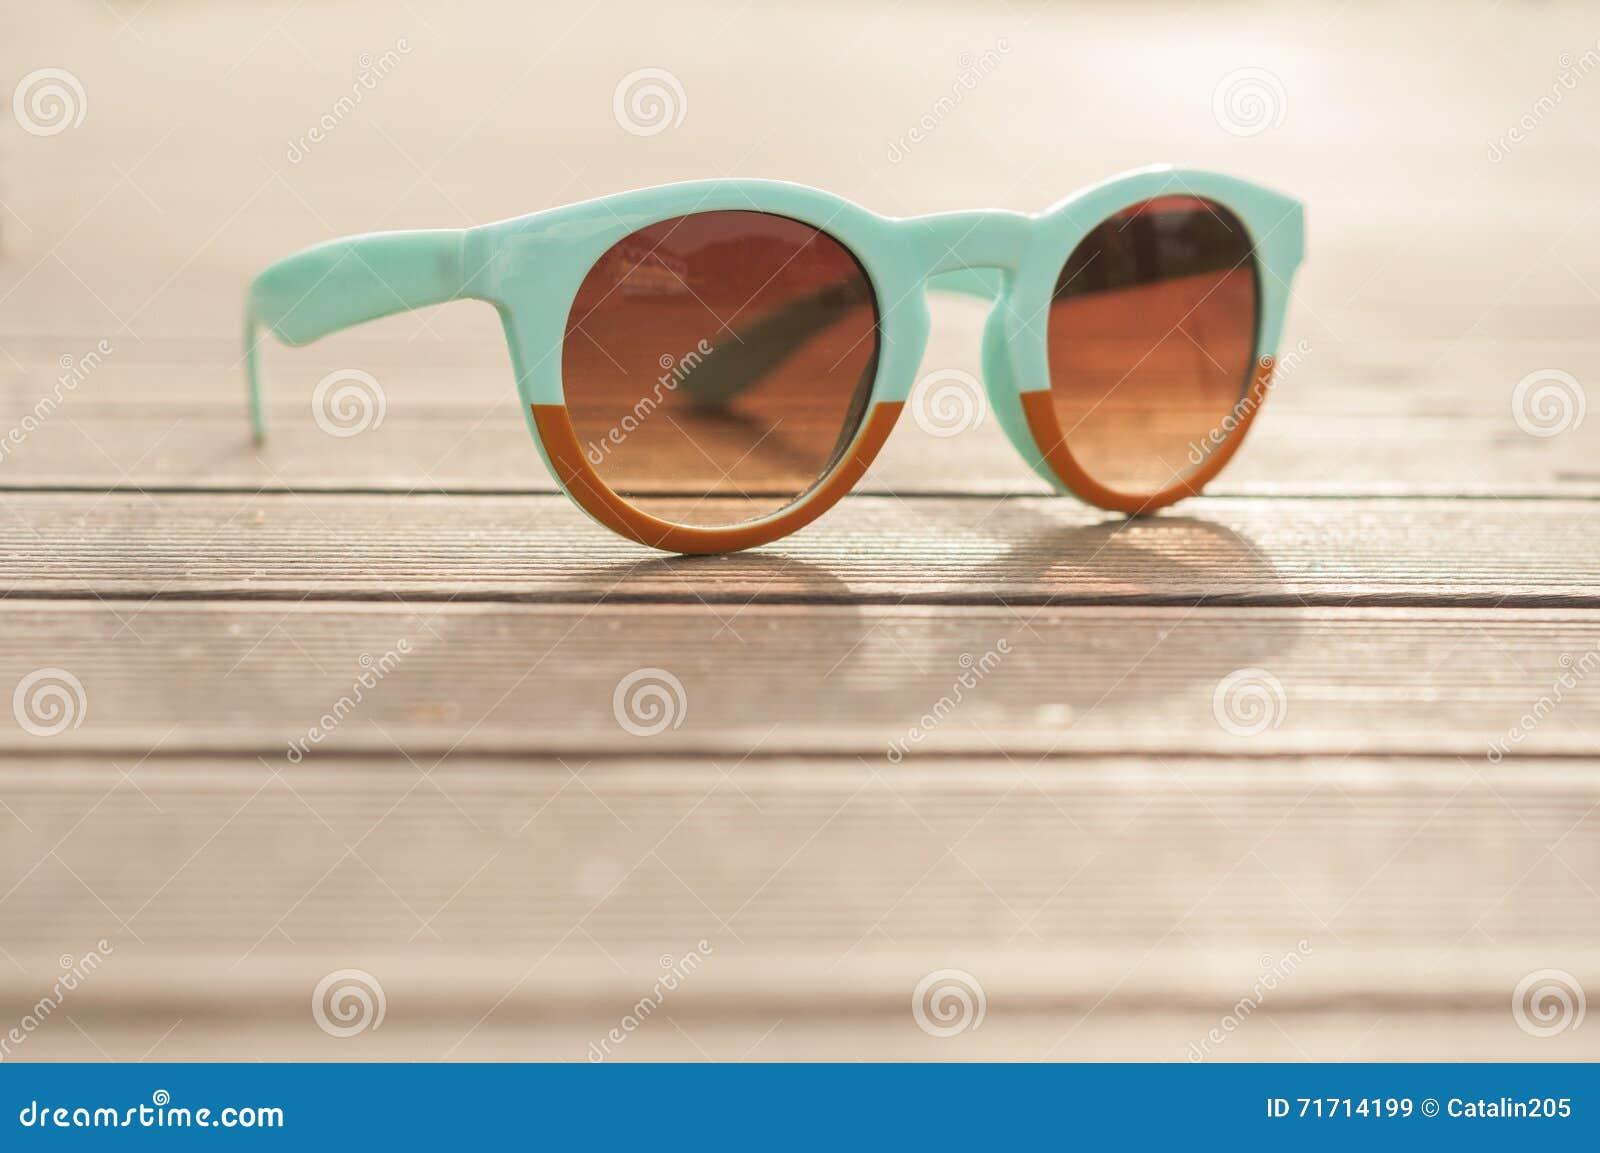 70b02221afccef Lunettes de soleil de vintage sur le bureau en bois dehors dans la vue de  plan rapproché en tant que concept UV de protection de rayons